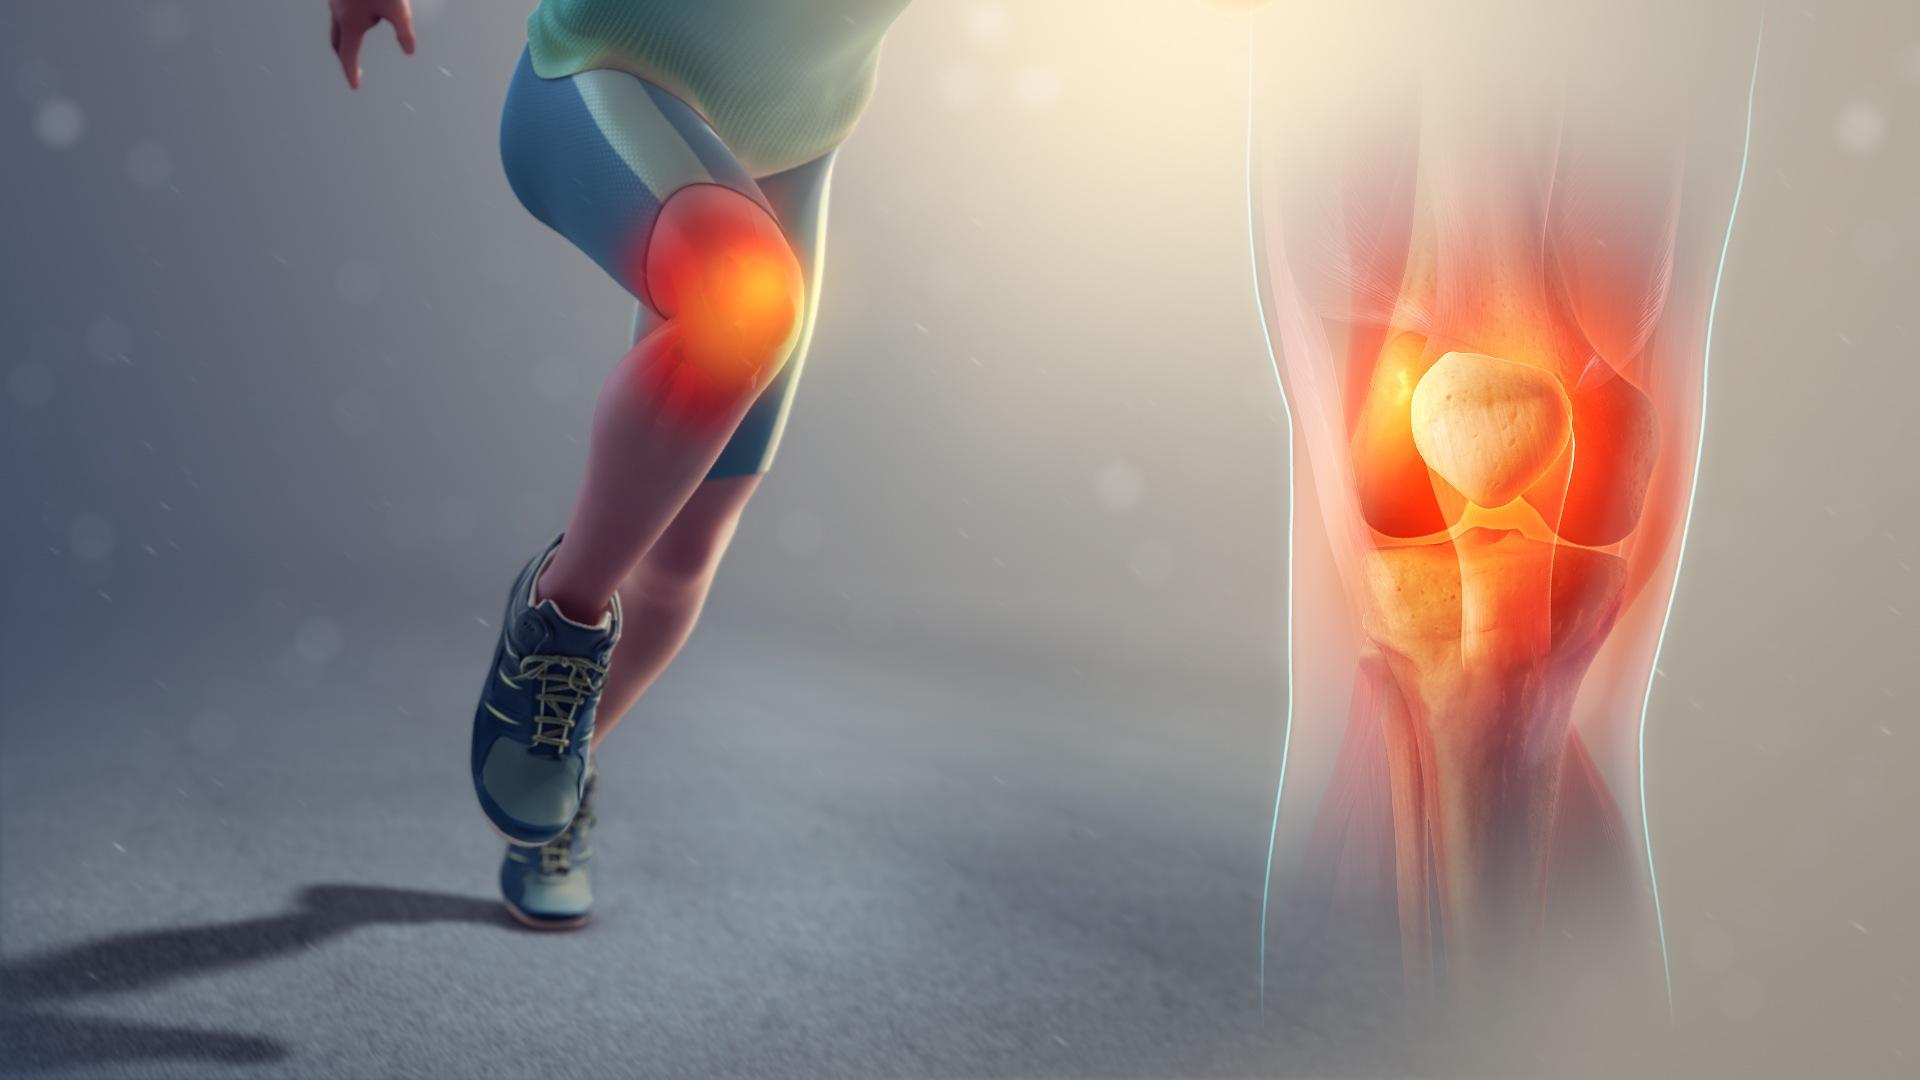 Comment continuer à s'entraîner en course à pied quand on a mal au genou ?